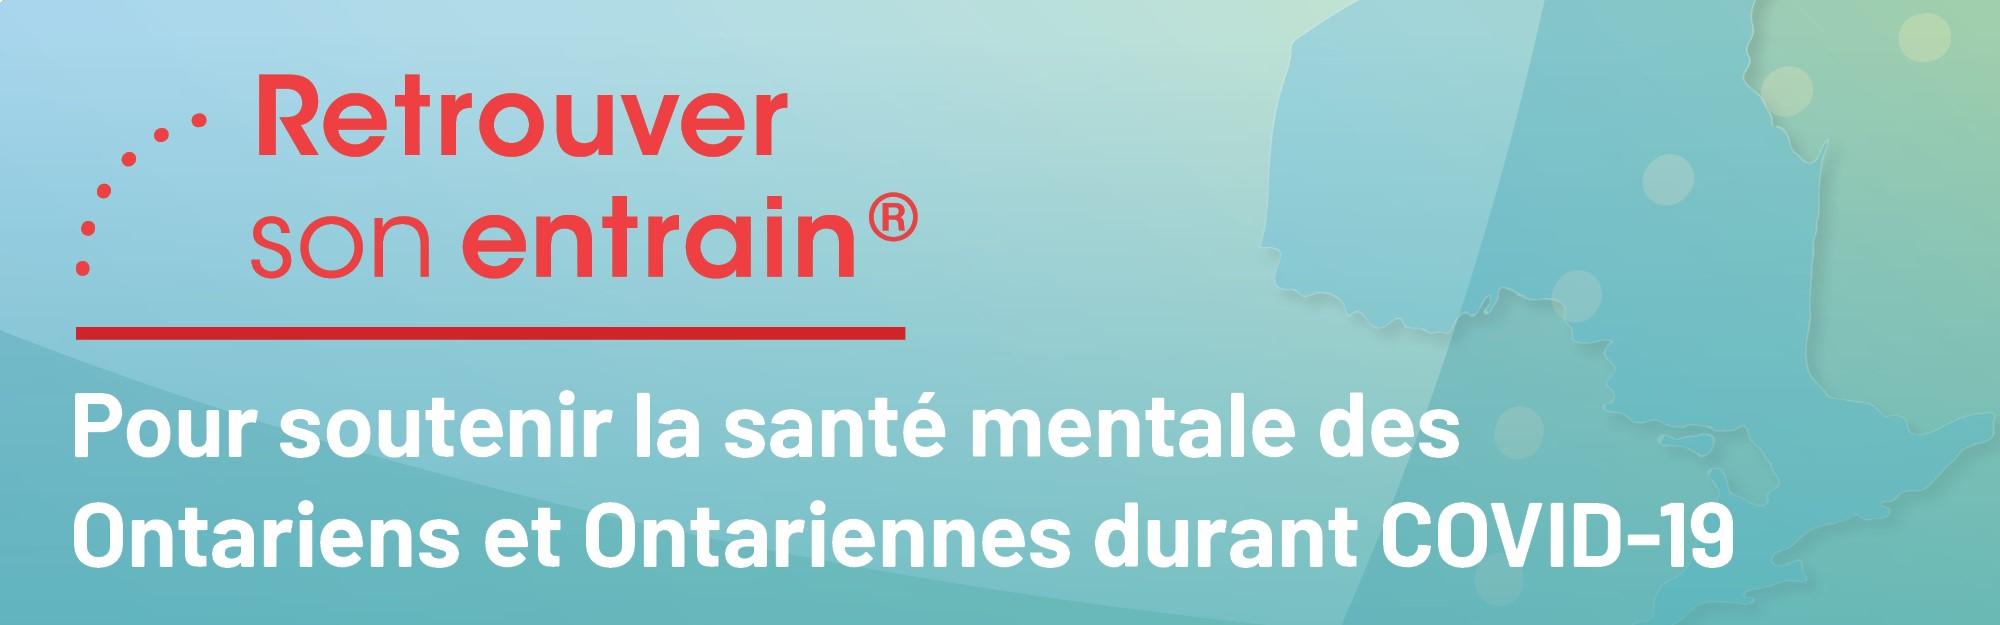 Le programme Retrouver son entrain de l'ACSM est une partie importante de l'offre élargie de mesures de soutien en santé mentale accessibles à tous les Ontariens et Ontariennes pendant la pandémie de COVID-19